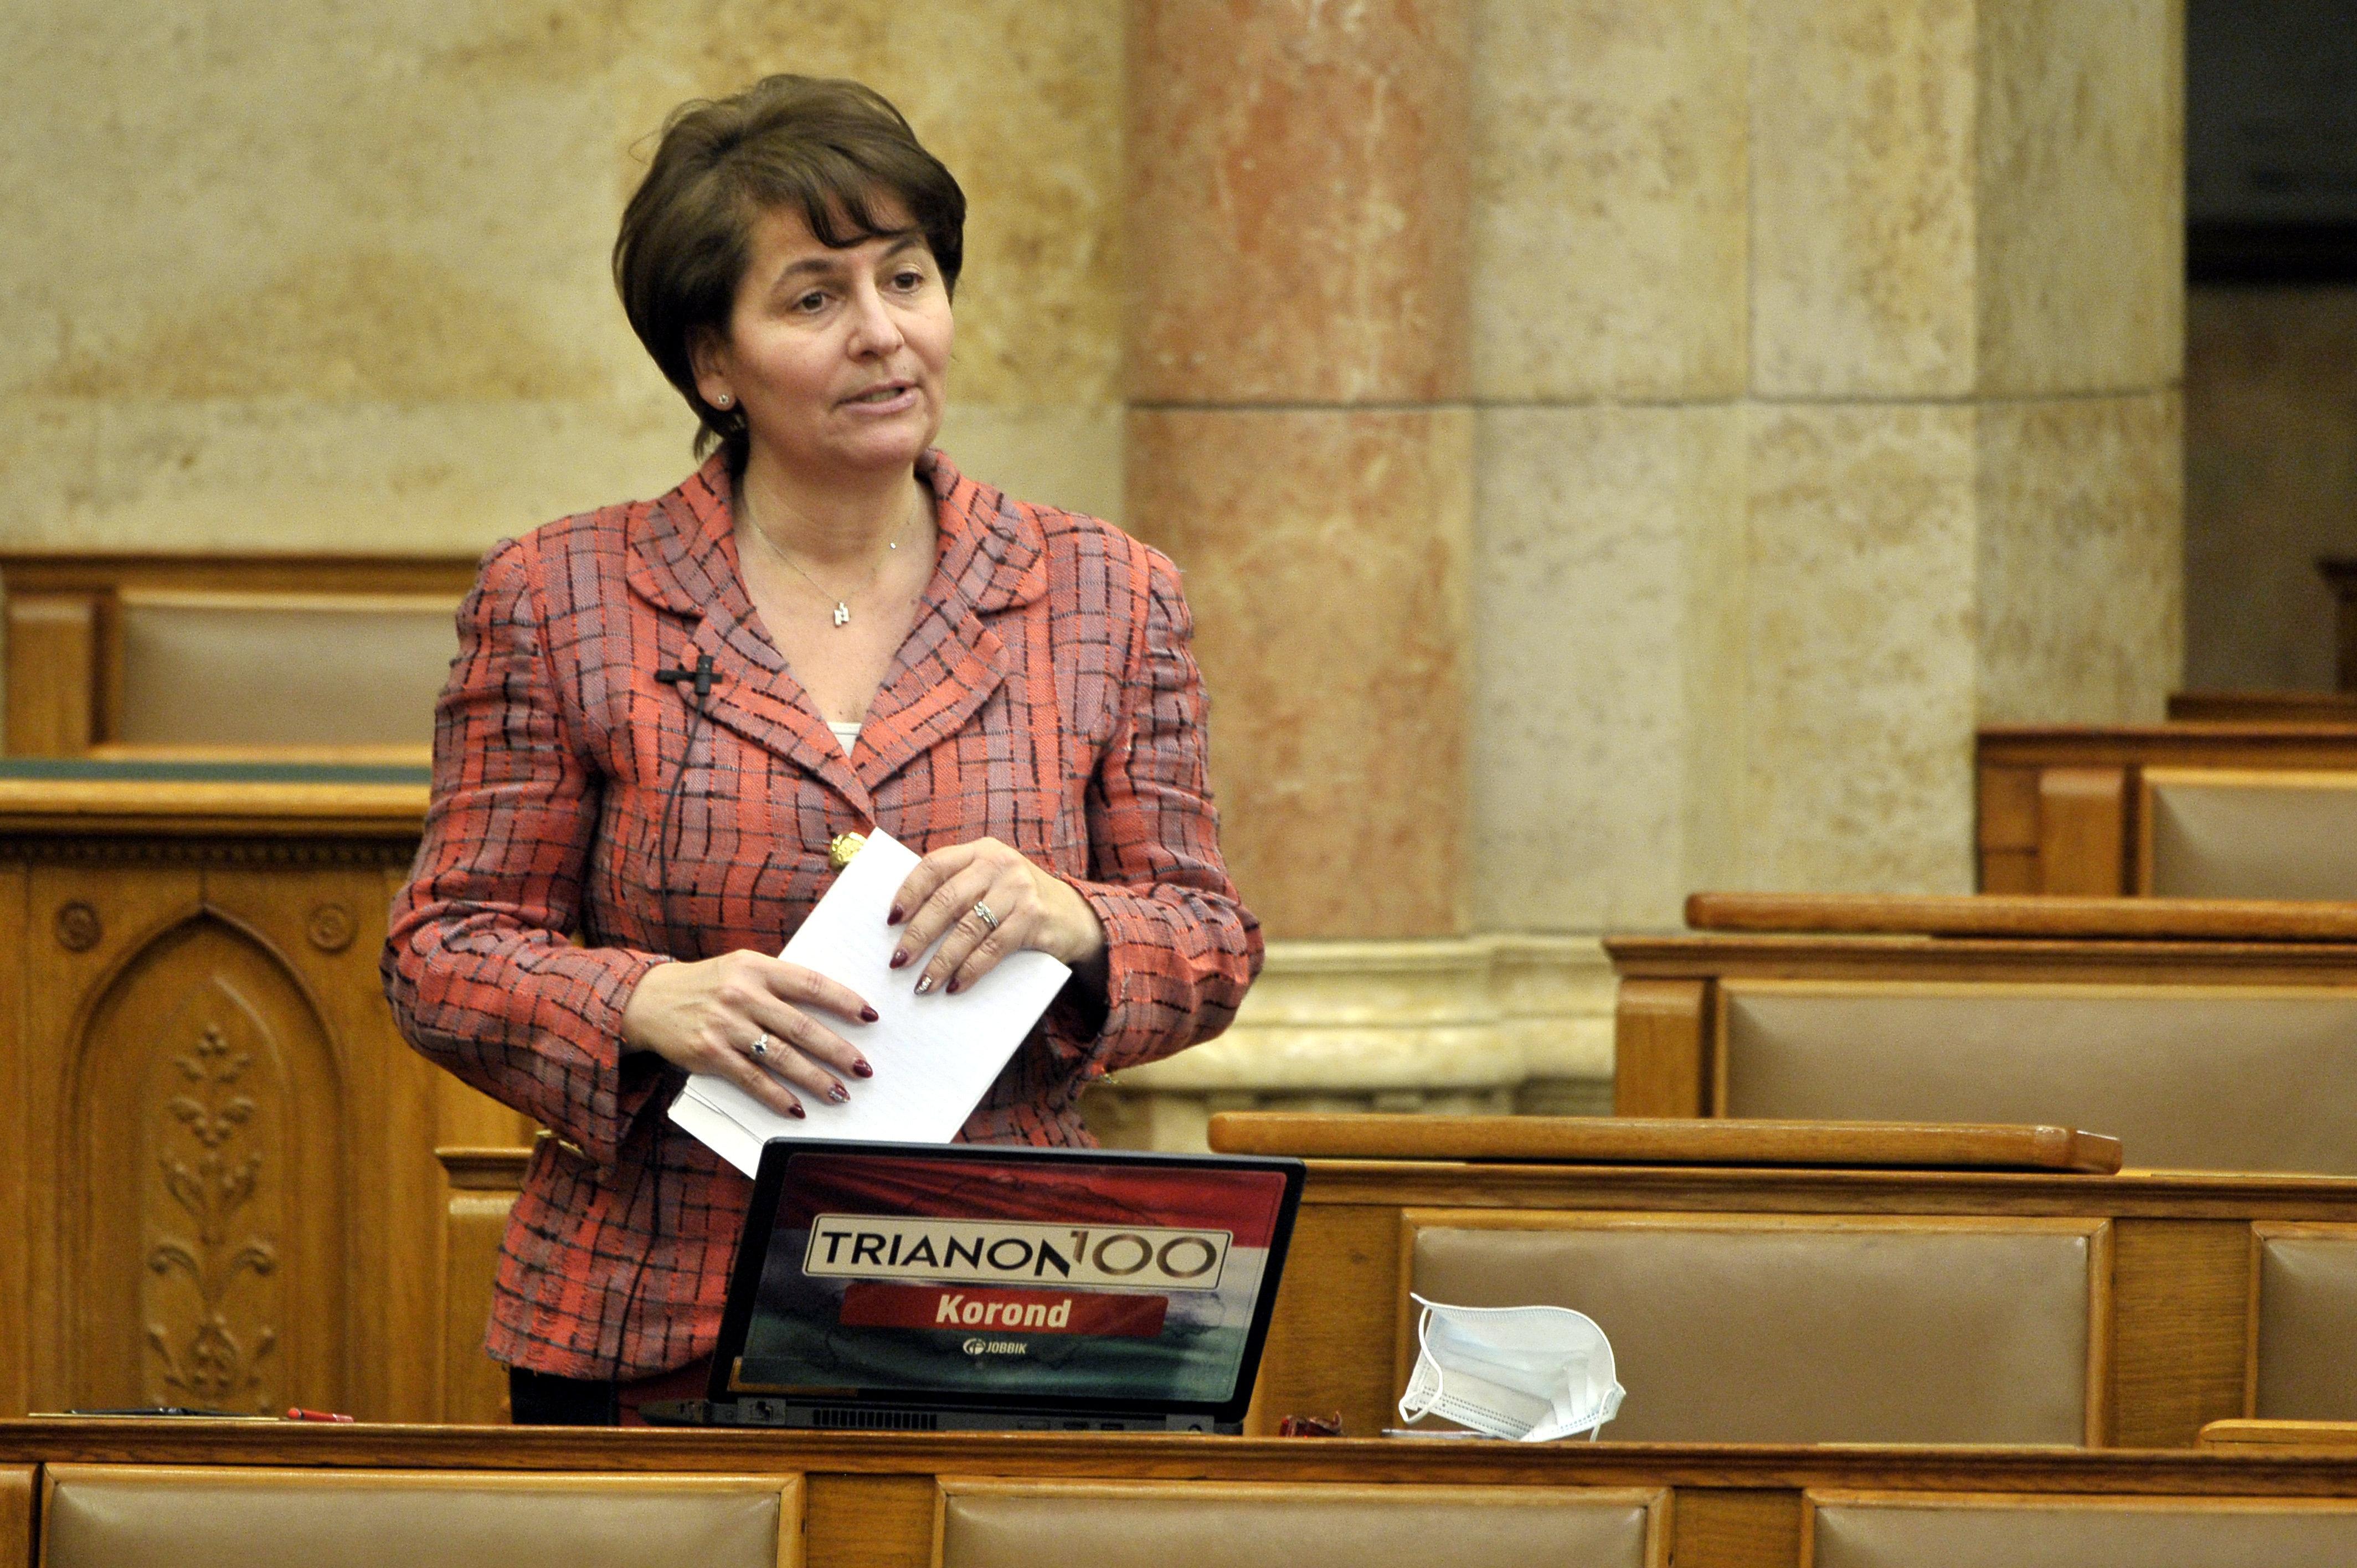 Ügyvédi felszólítással szedették le Rogán Barbara fényképét Varga-Damm Andrea képviselői oldaláról